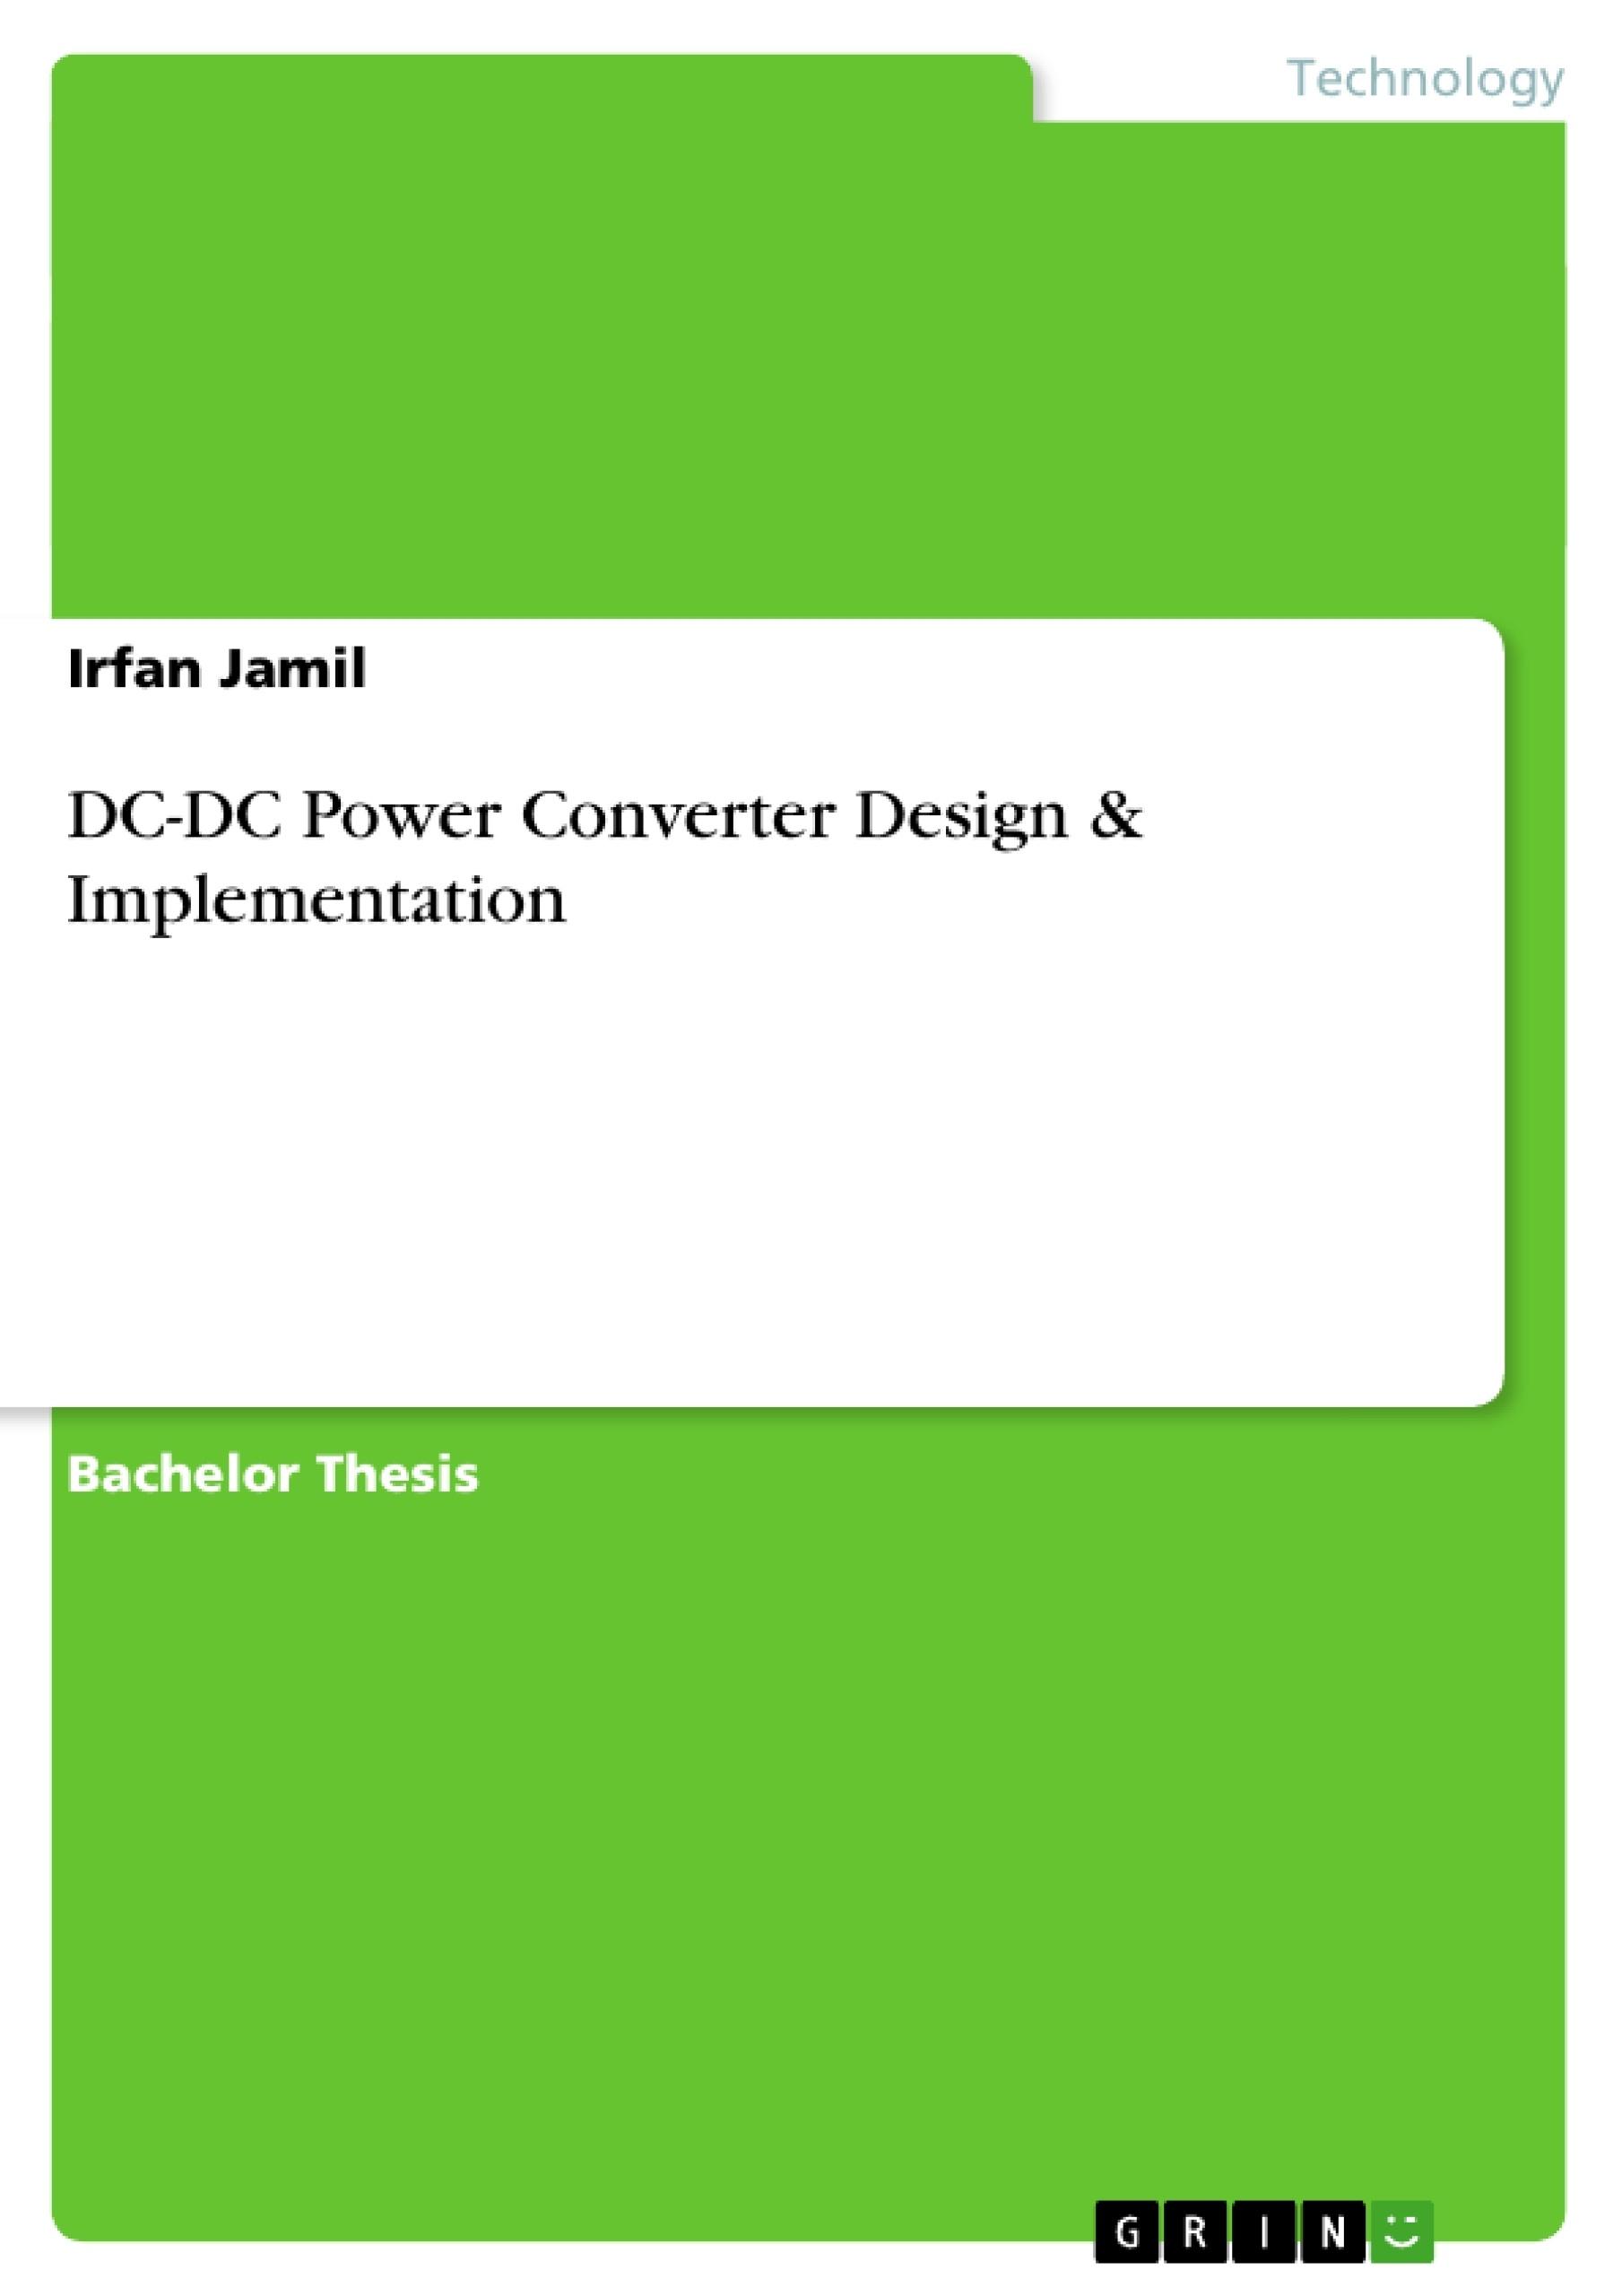 Title: DC-DC Power Converter Design & Implementation